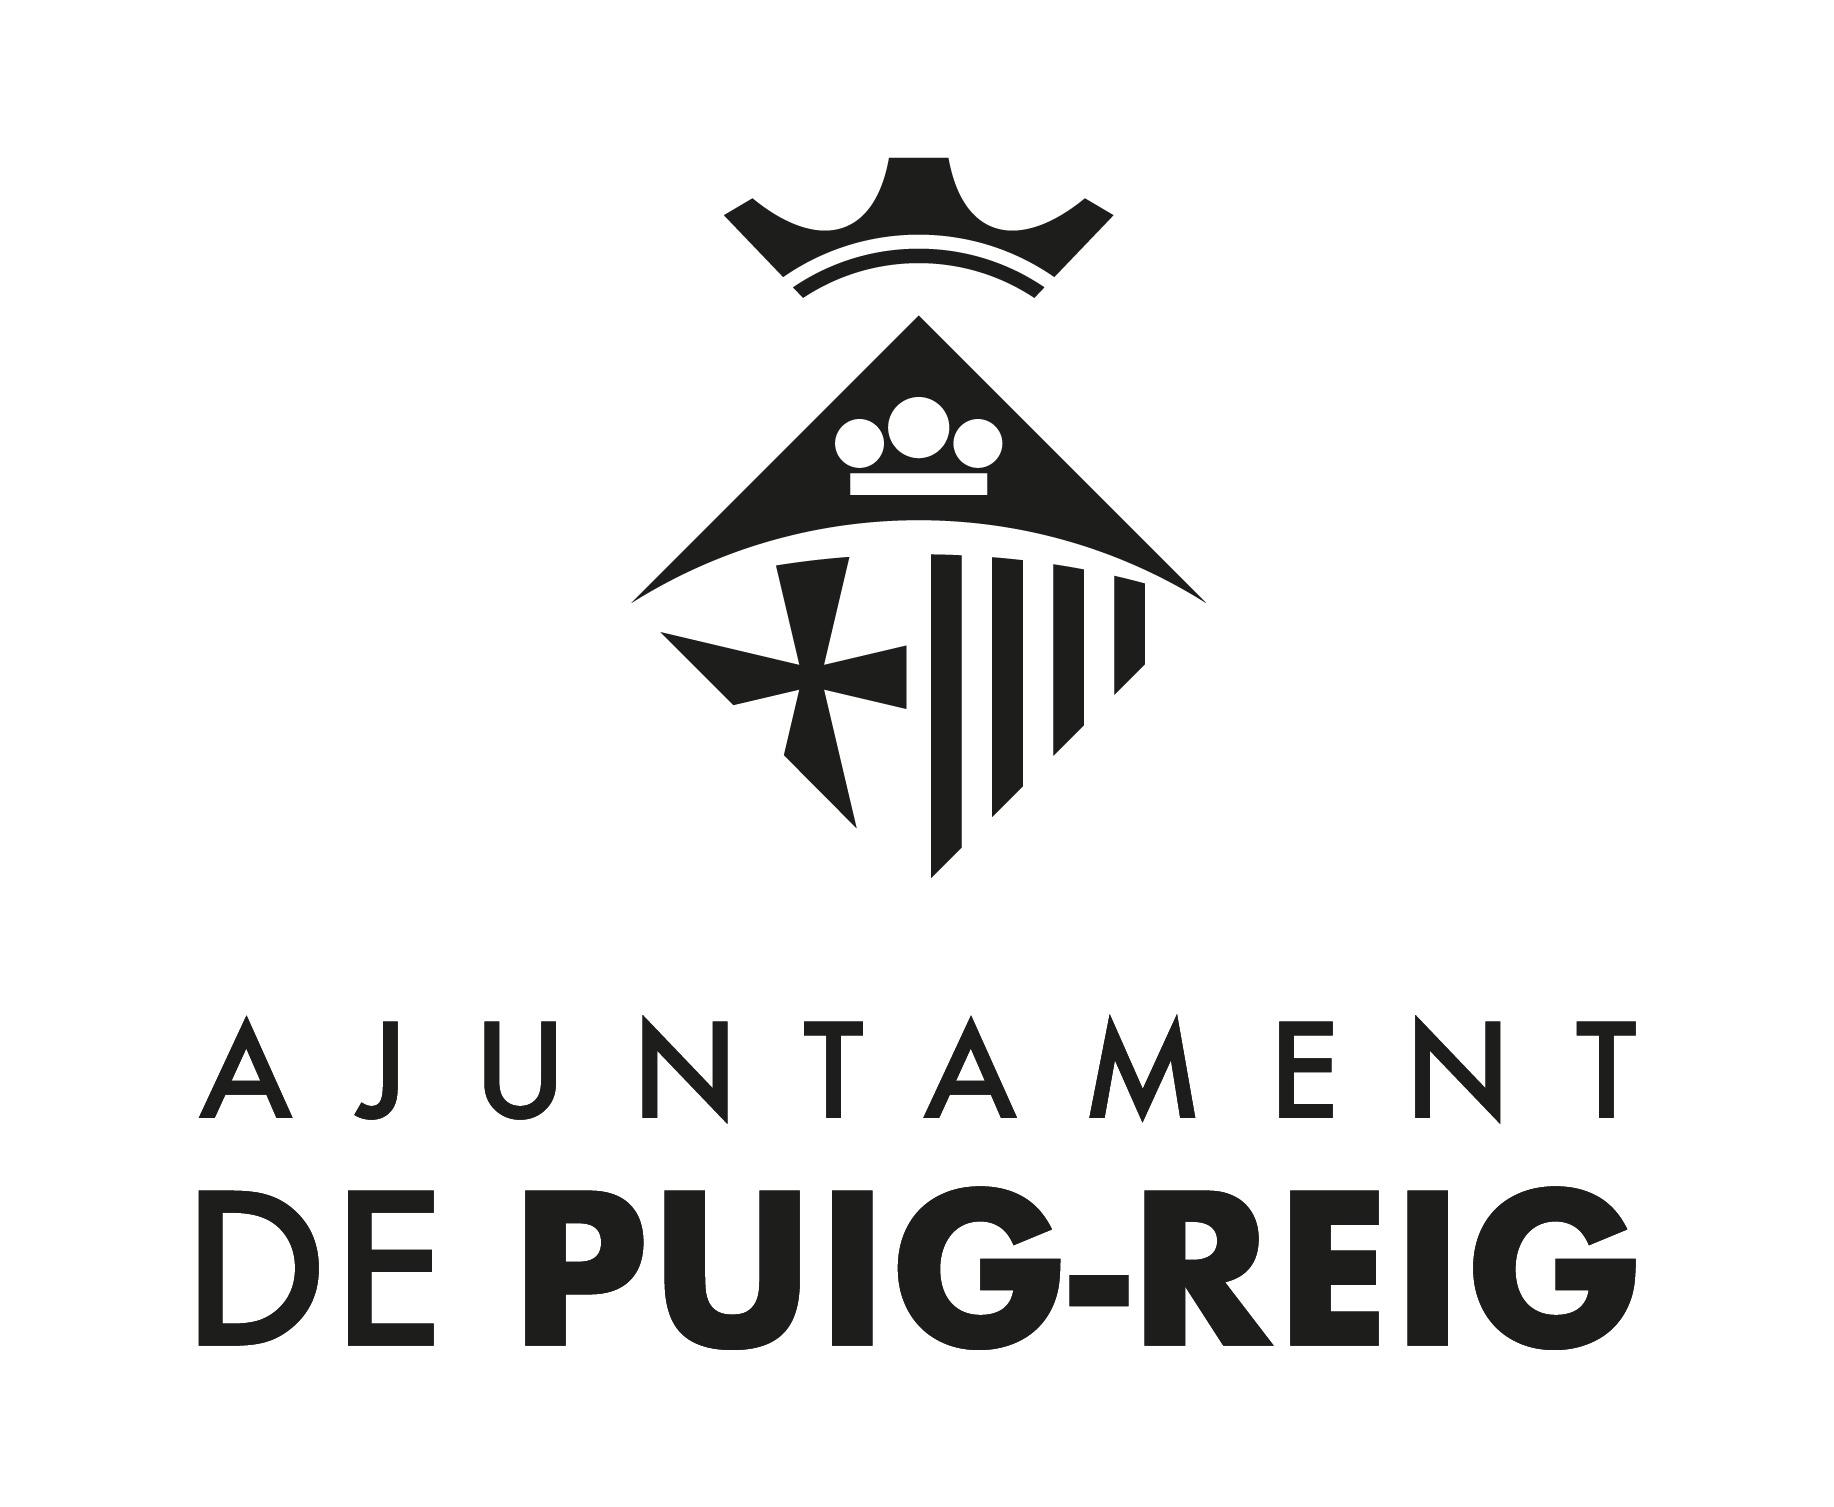 Logo Puig-reig V